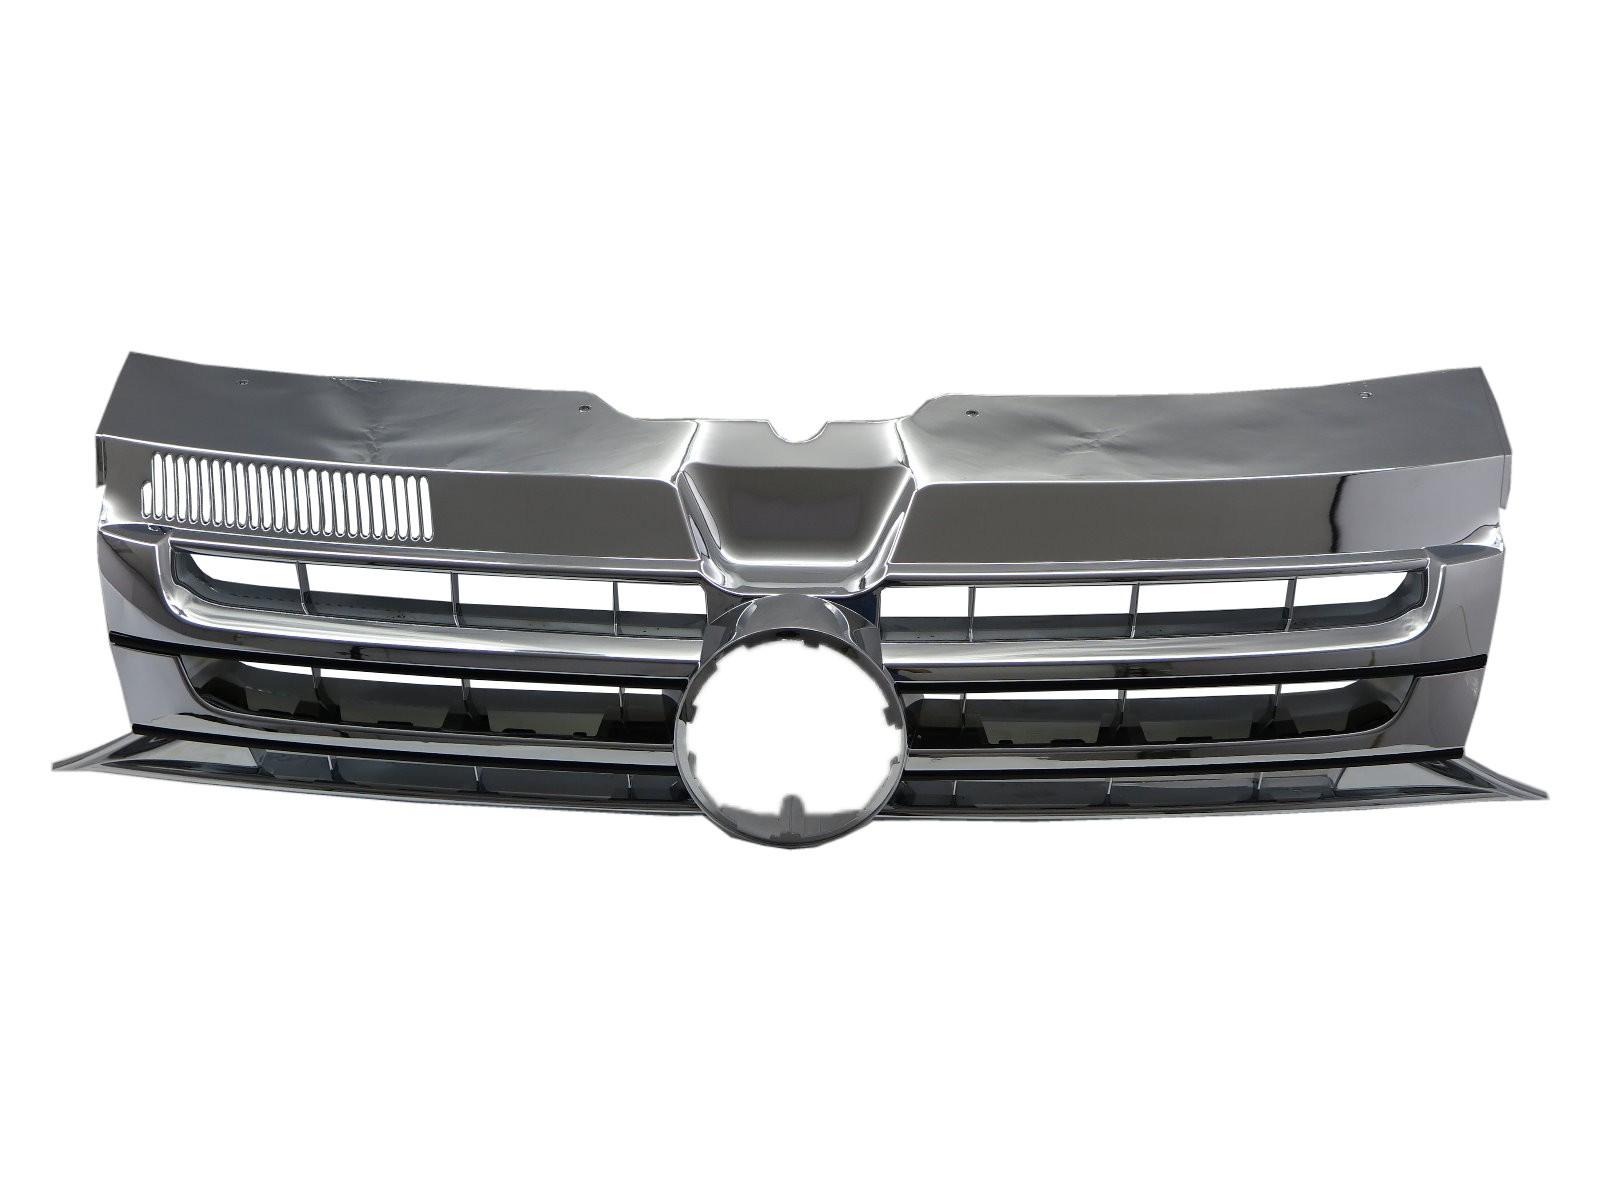 CrazyTheGod TRANSPORTER T5 Fifth generation 2011-2015 FACELIFT VAN 5D GRILLE/GRILL Chrome for VW Volkswagen